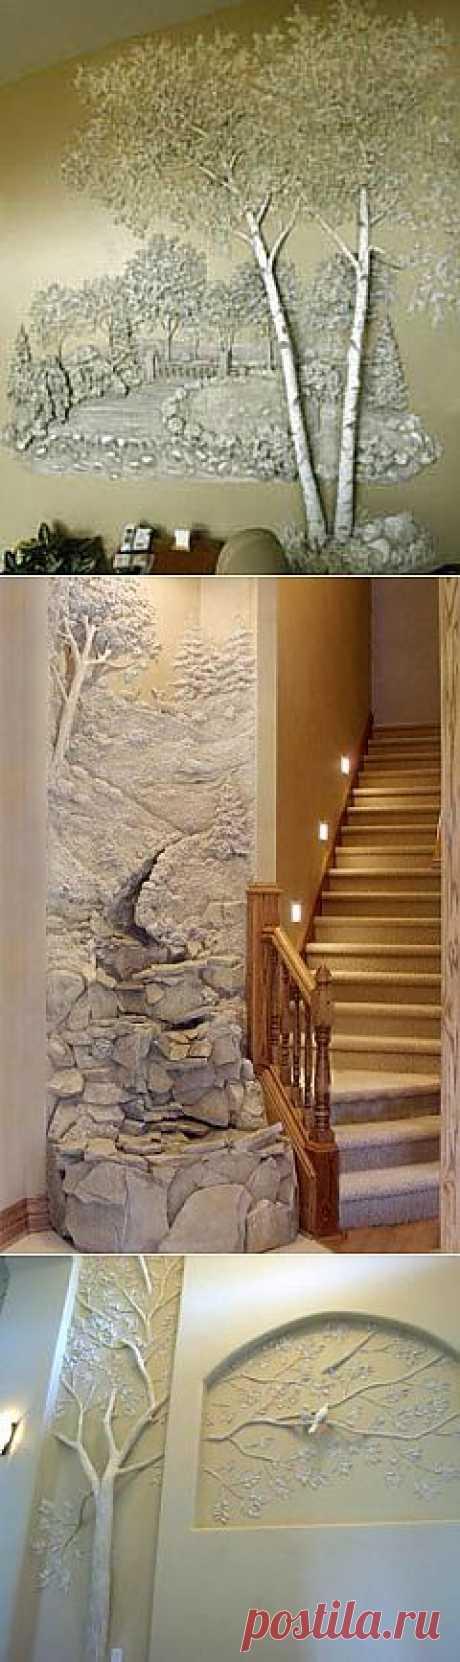 Необычная отделка стен: трехмерная роспись гипсом